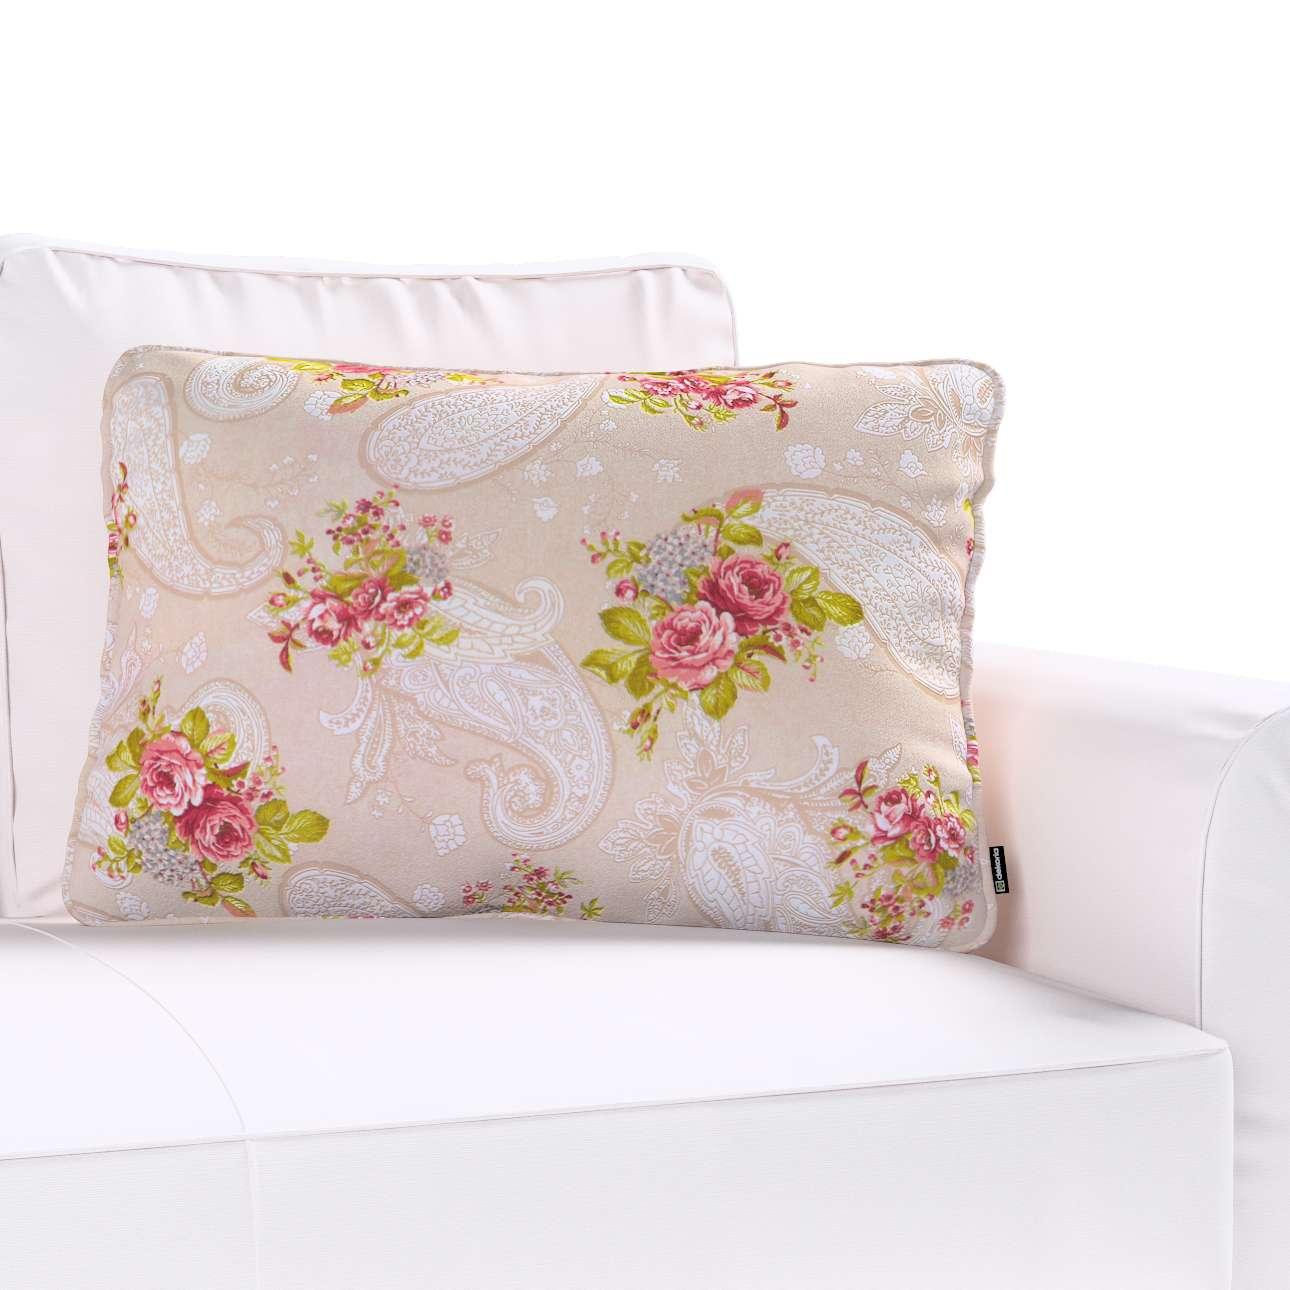 Poszewka Gabi na poduszkę prostokątna 60x40cm w kolekcji Flowers, tkanina: 311-15